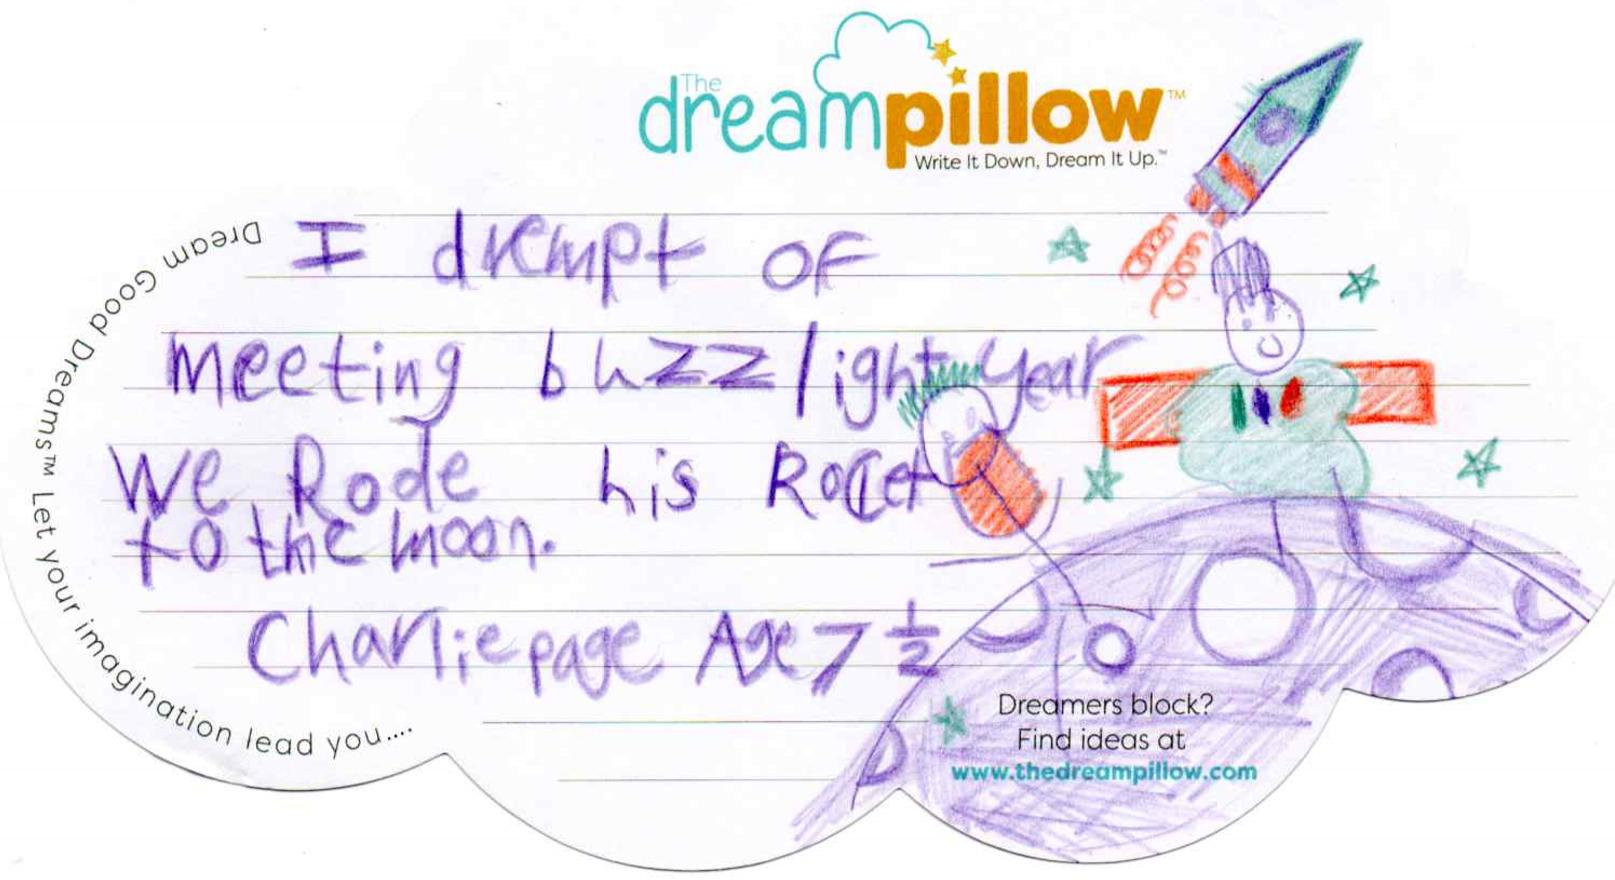 En este sueño Charlie desde Wallsall (7 años y medio) se va con Buzz Lightyear a hacerle una visita a la luna.